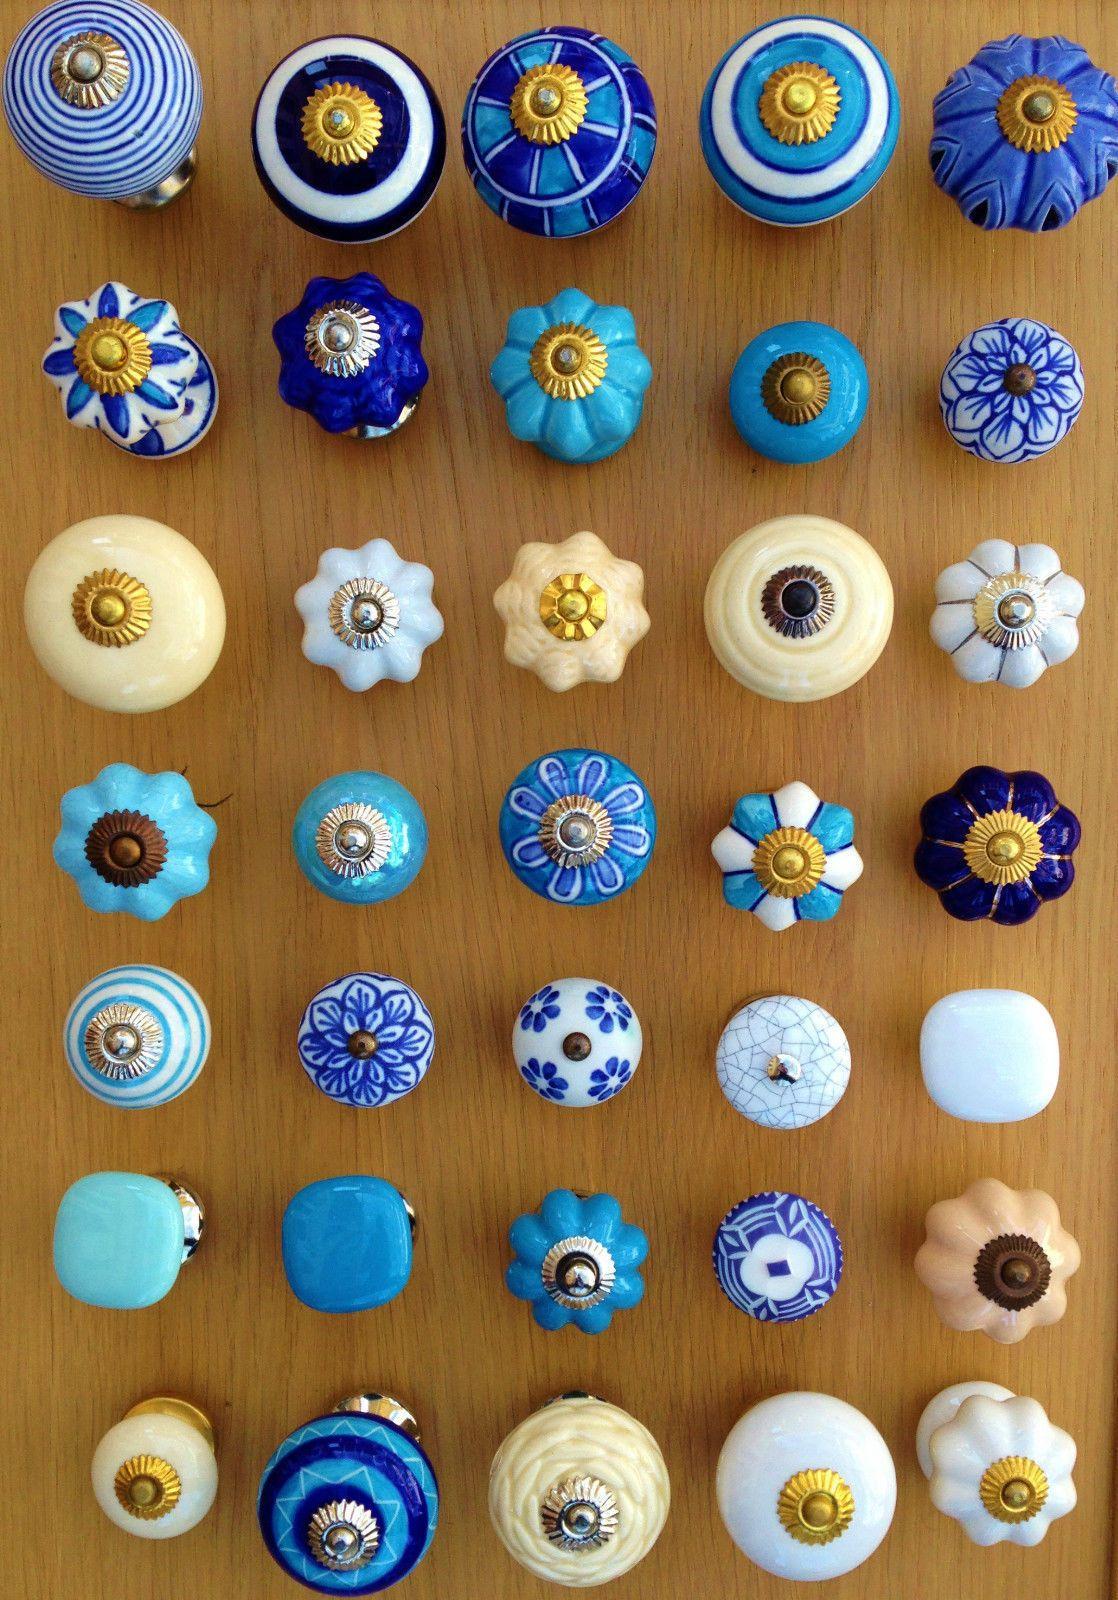 Ceramic Cabinet Knob Cupboard Pull Door Handle Kitchen Hardware Drawer Decor